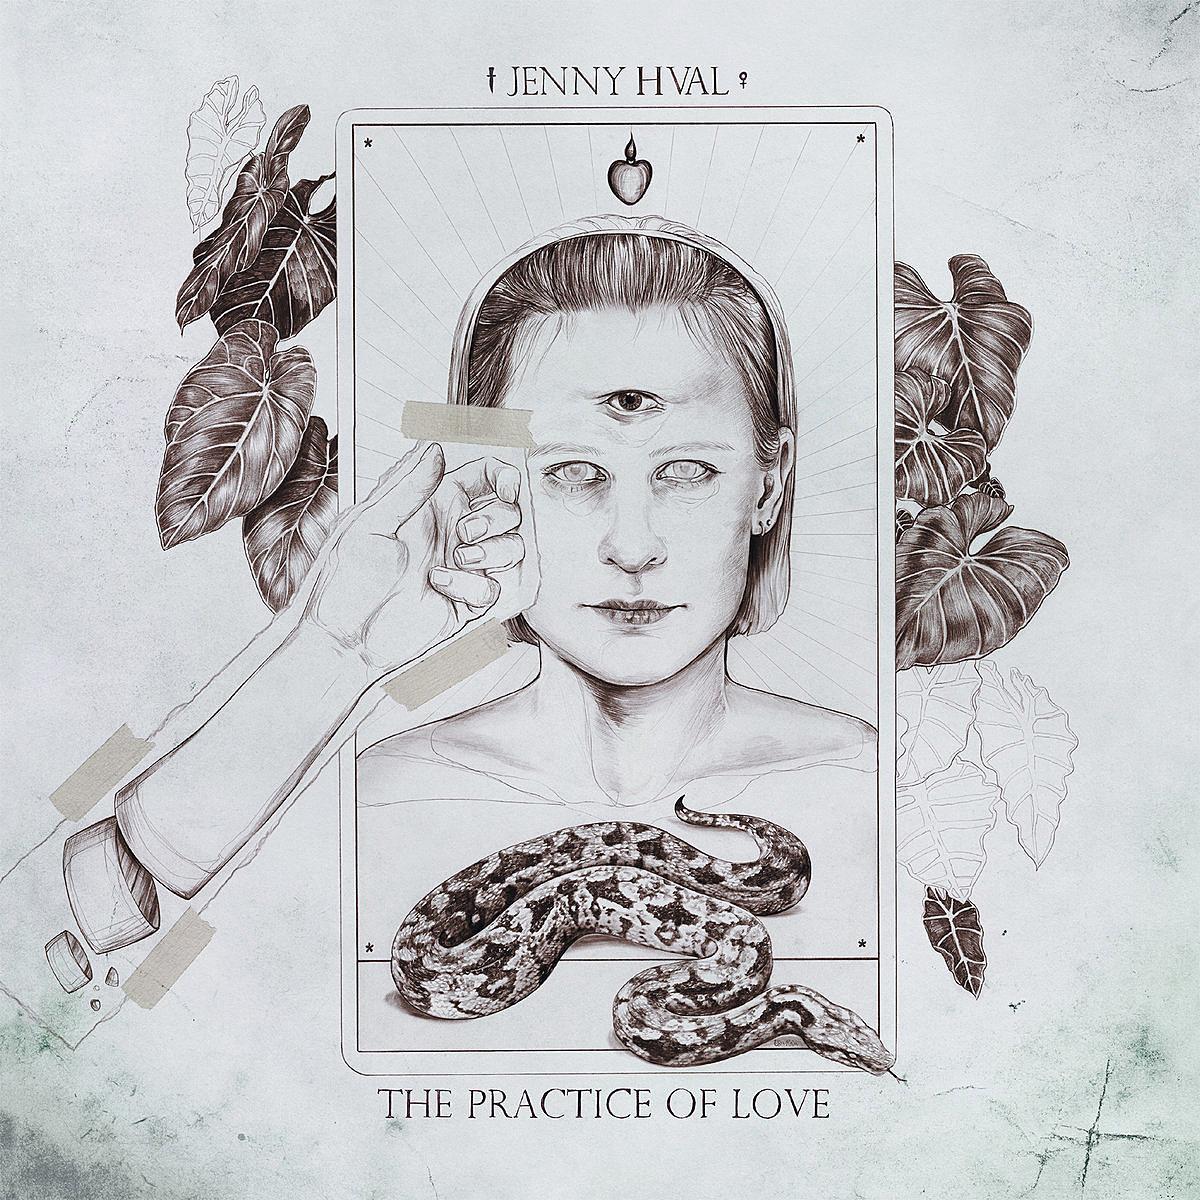 JENNY HVAL THE PRACTICE OF LOVE